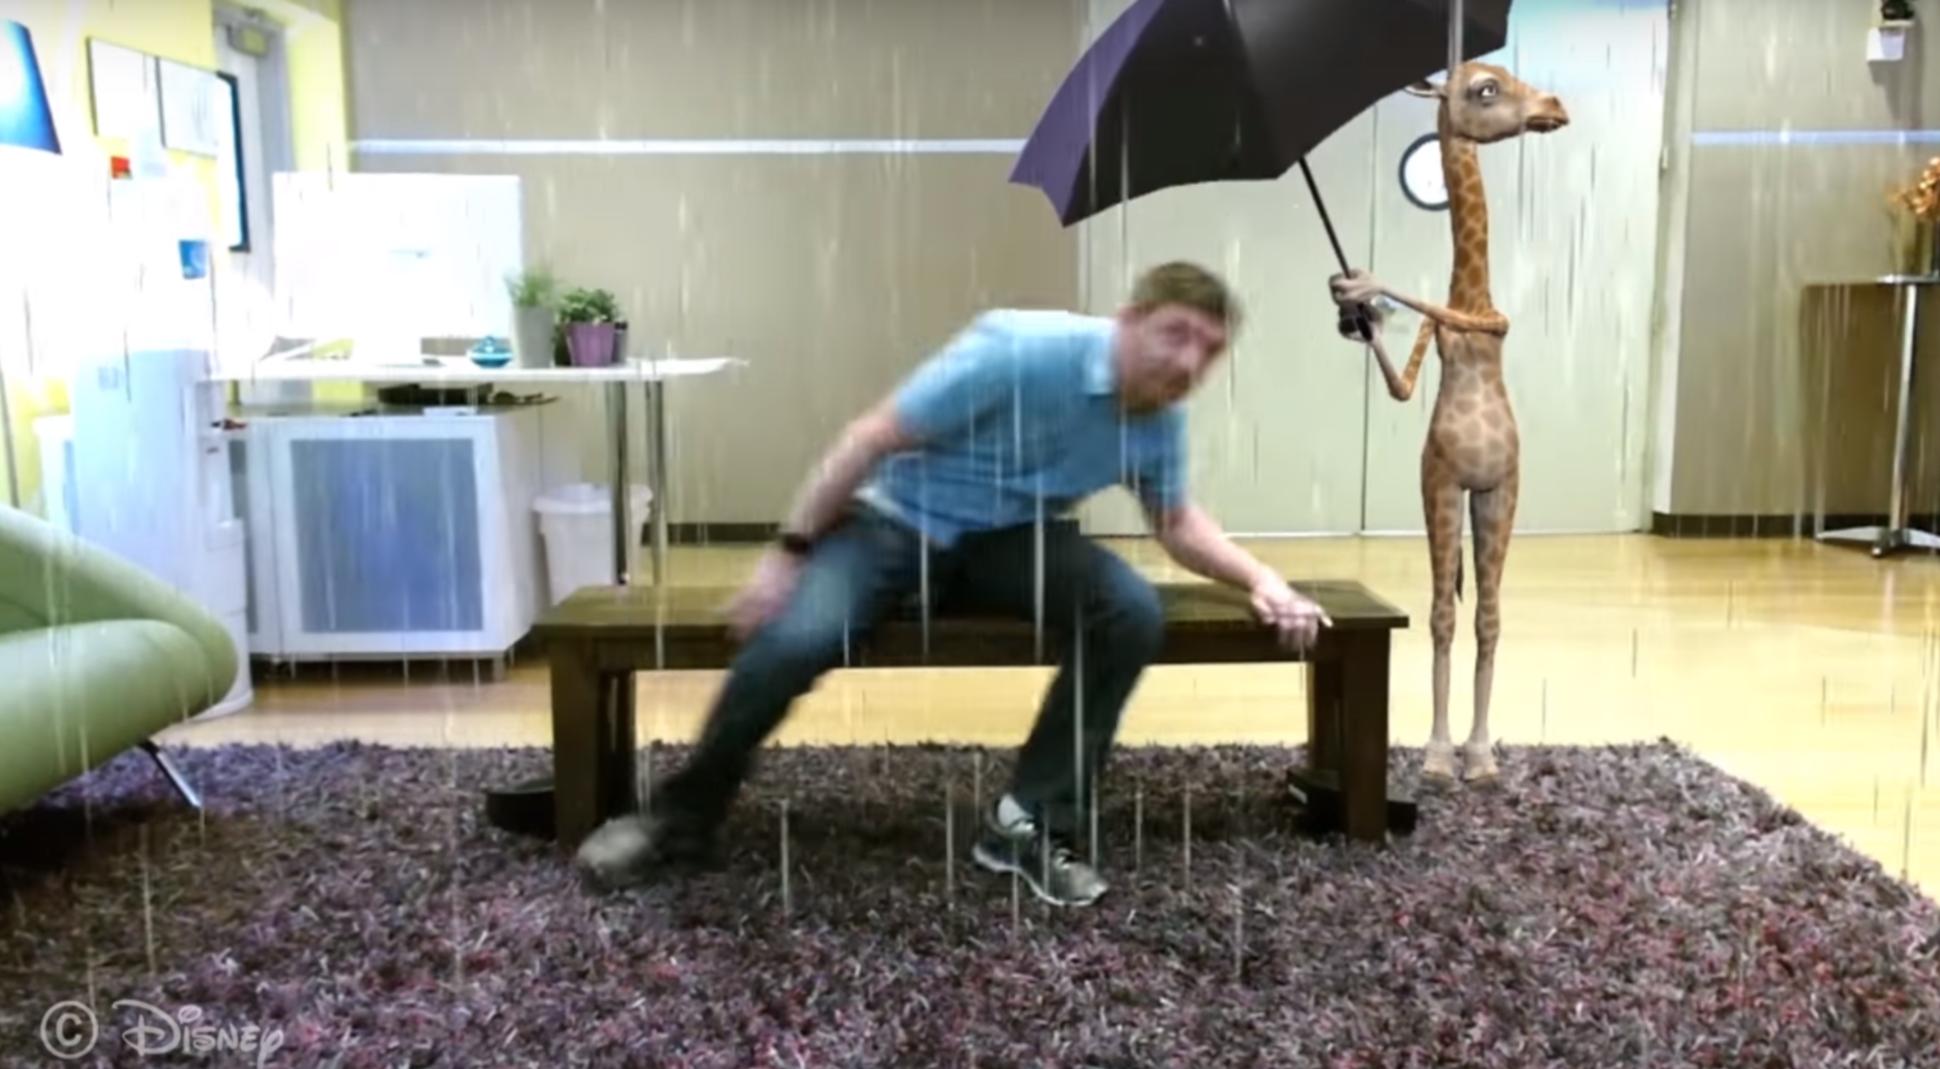 ławka od Disney - prezentacja